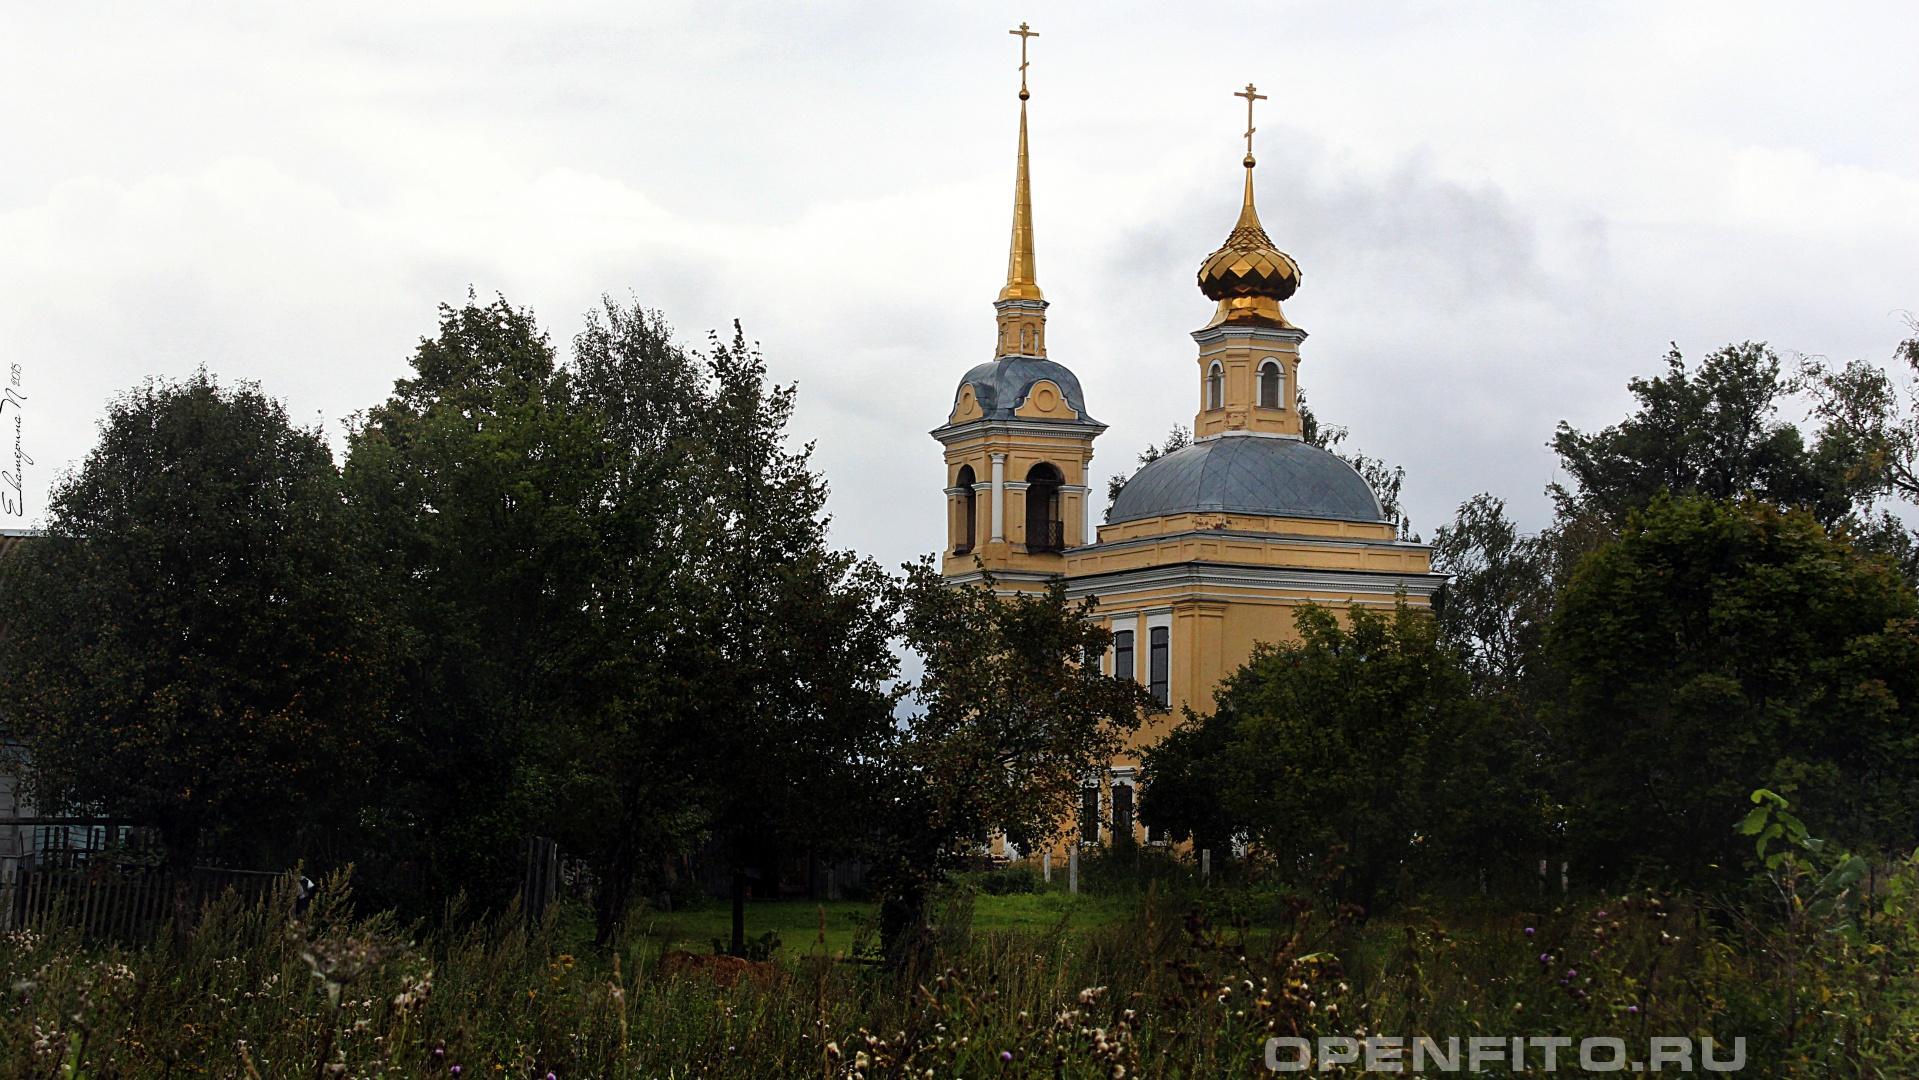 Казанская церковь Казанская церковь в селе Сараево Ивановской области